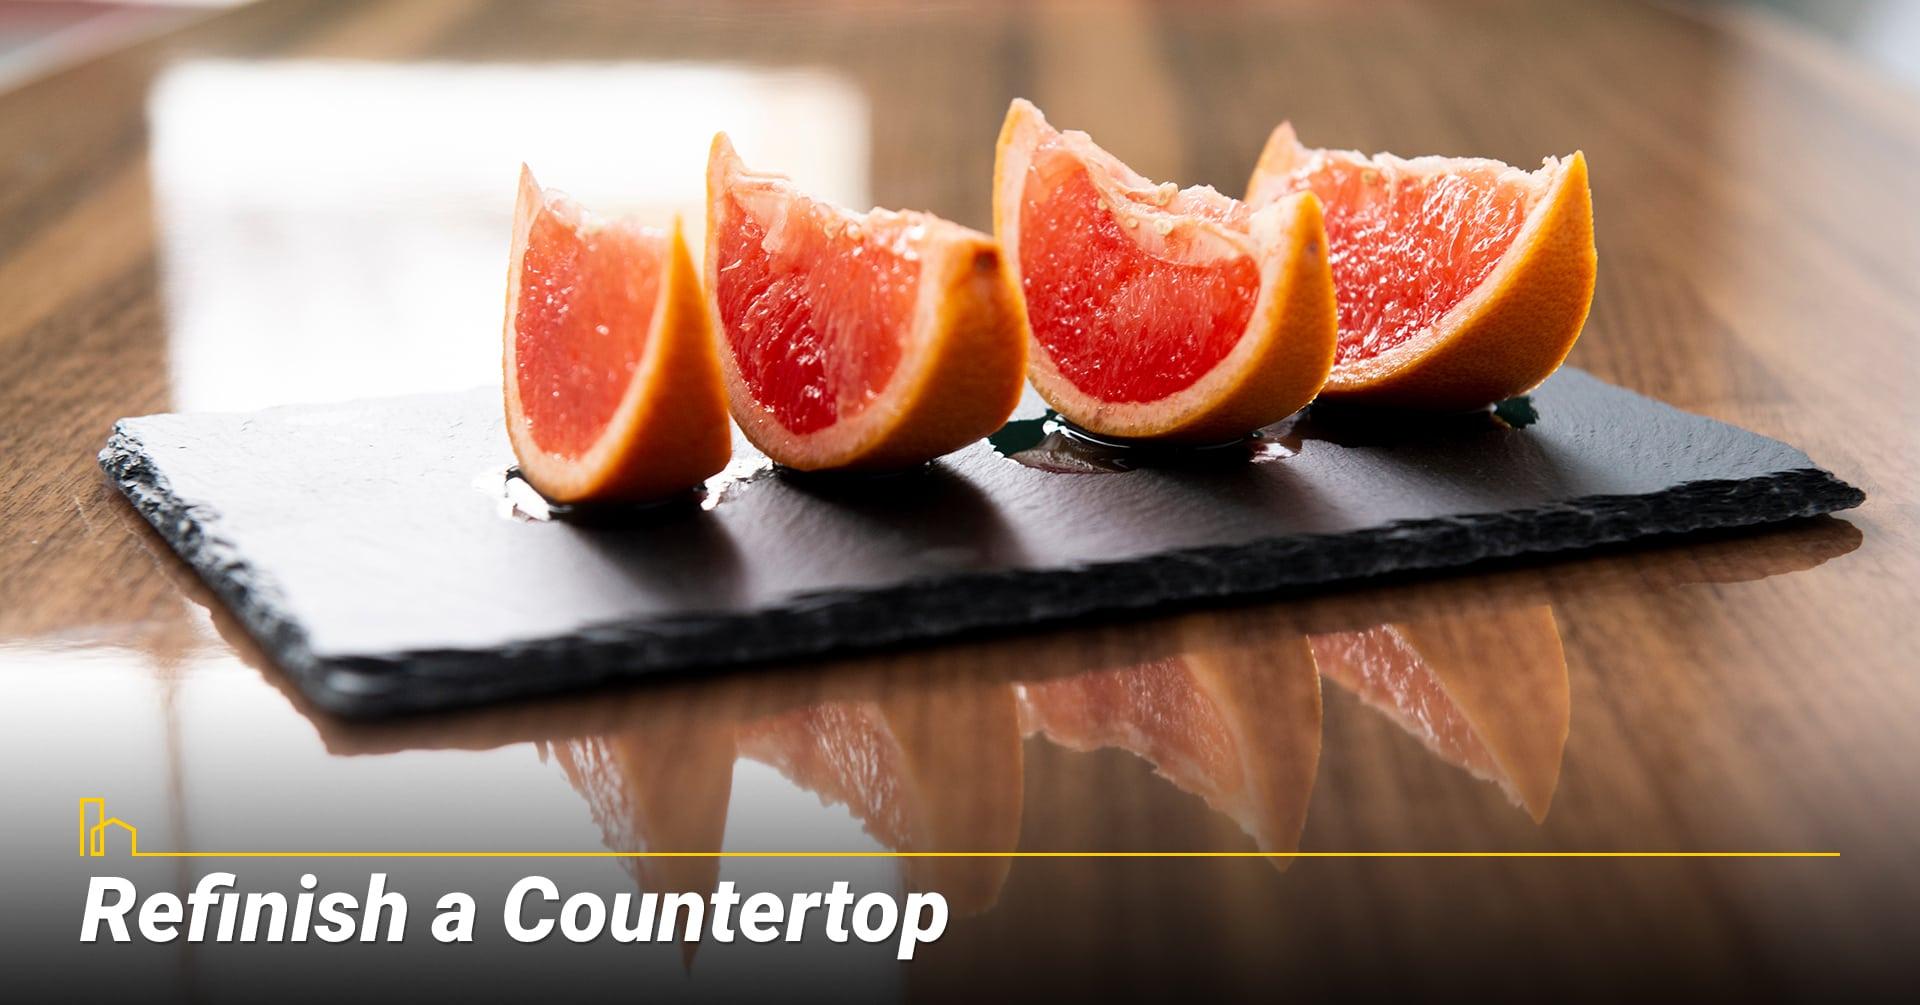 Refinish a Countertop, resurface your countertop